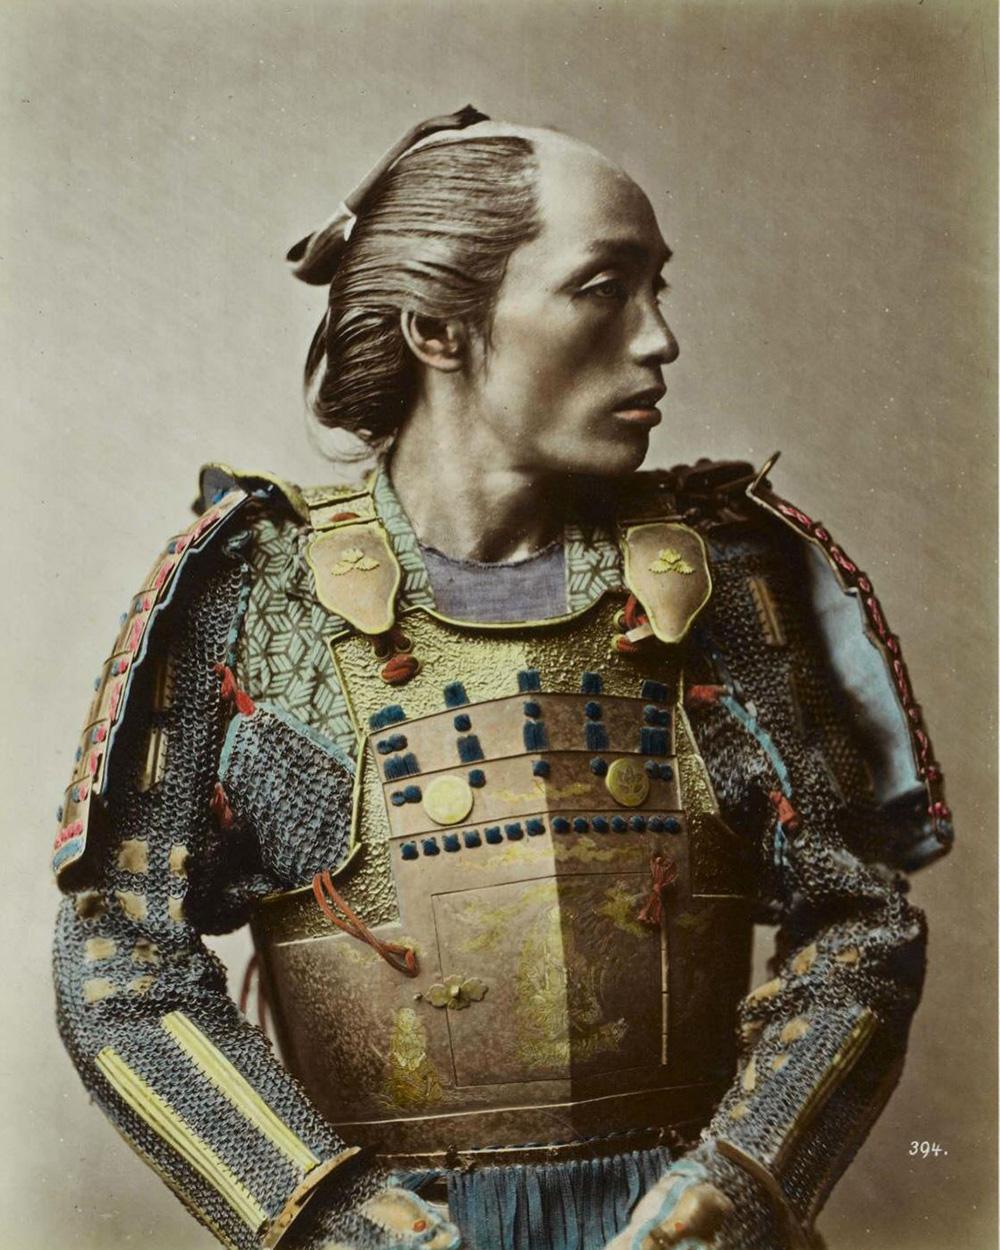 Samurai x Franz von Stillfried-Ratenicz